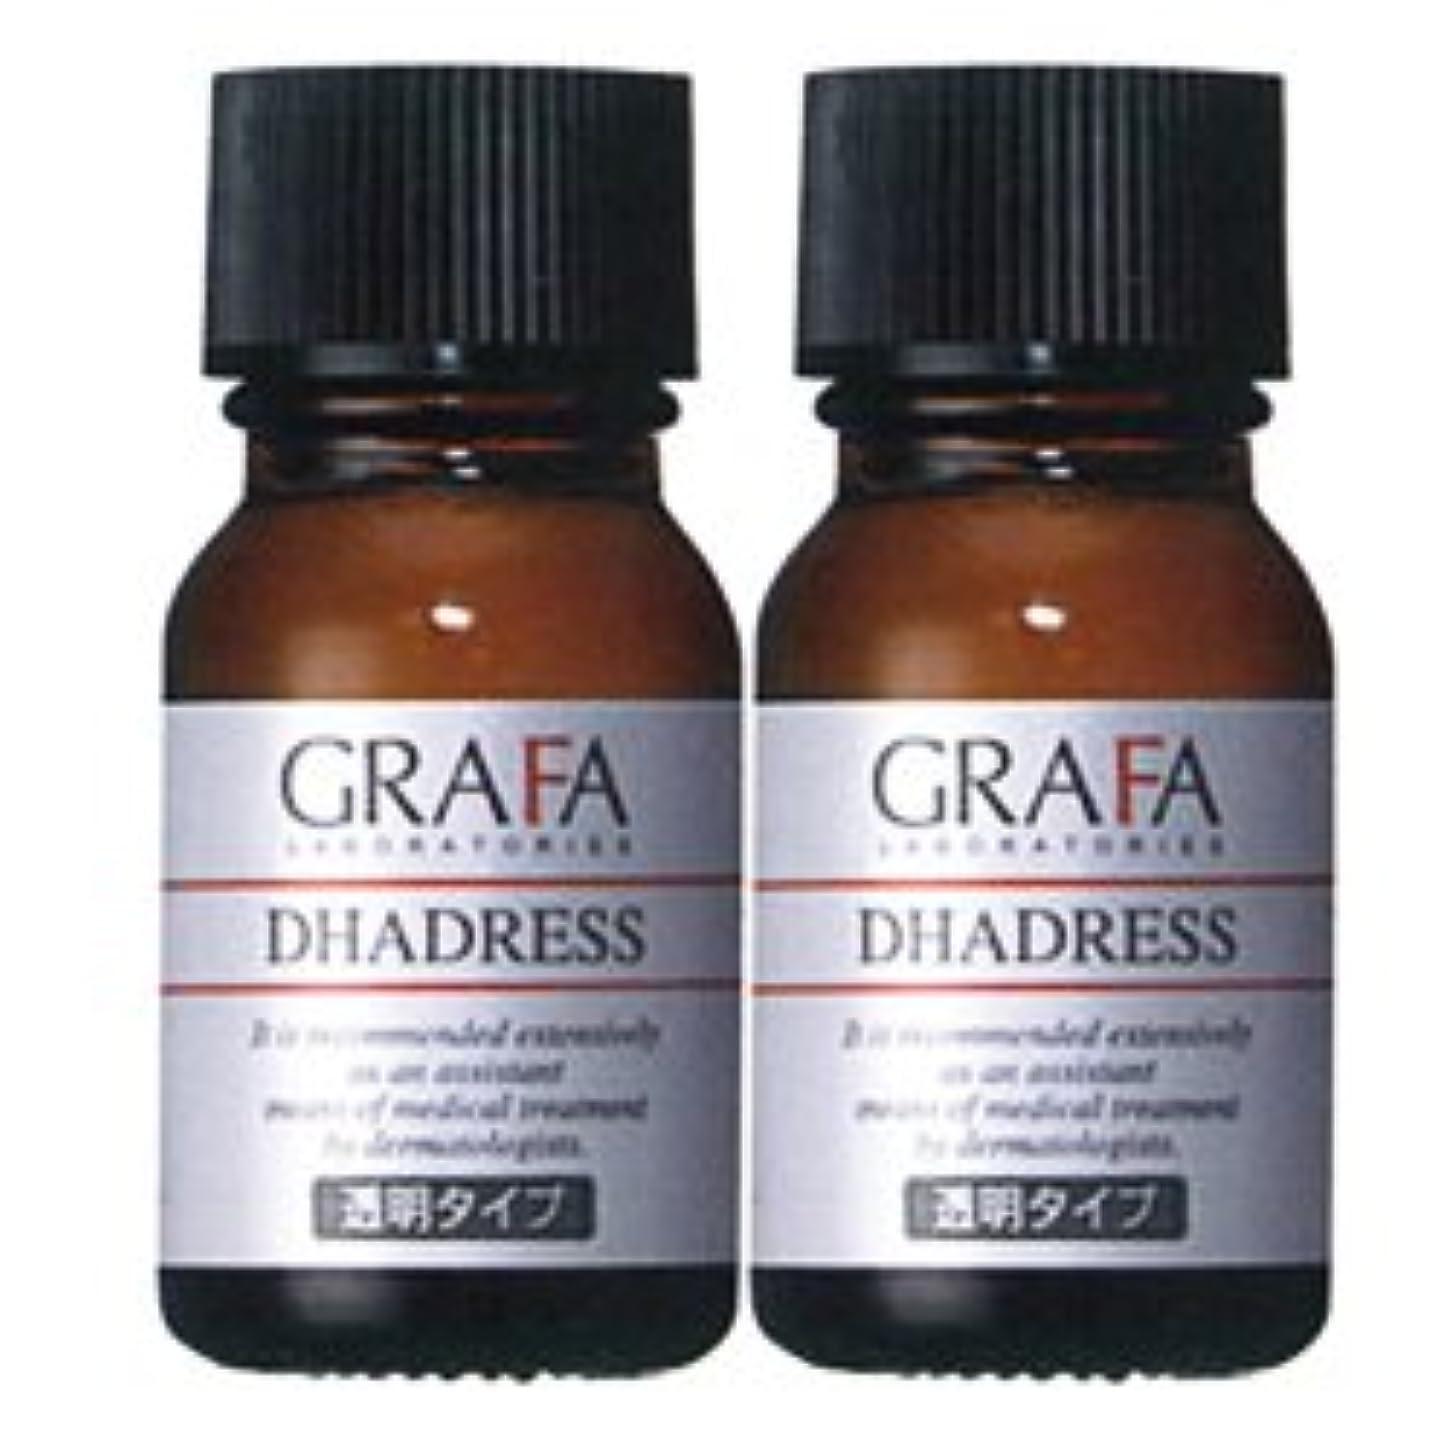 エゴイズムはちみつストリームグラファ ダドレス (透明タイプ) 11mL 着色用化粧水 GRAFA DHADRESS